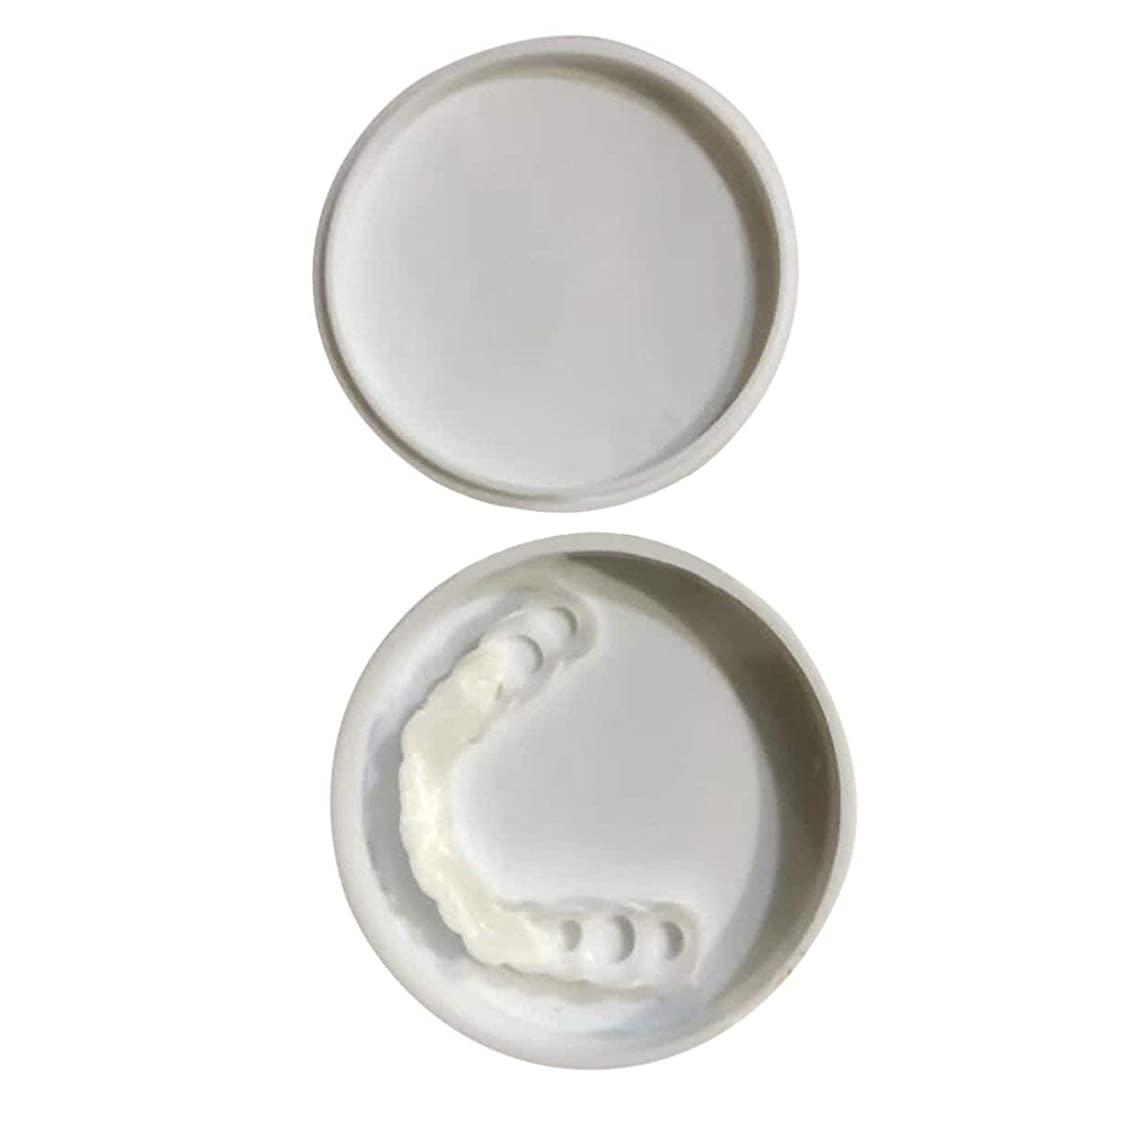 コーデリア無限大百年快適なスナップオン男性女性歯インスタントパーフェクトスマイルコンフォートフィットフレックス歯フィットホワイトニング笑顔偽歯カバー - ホワイト